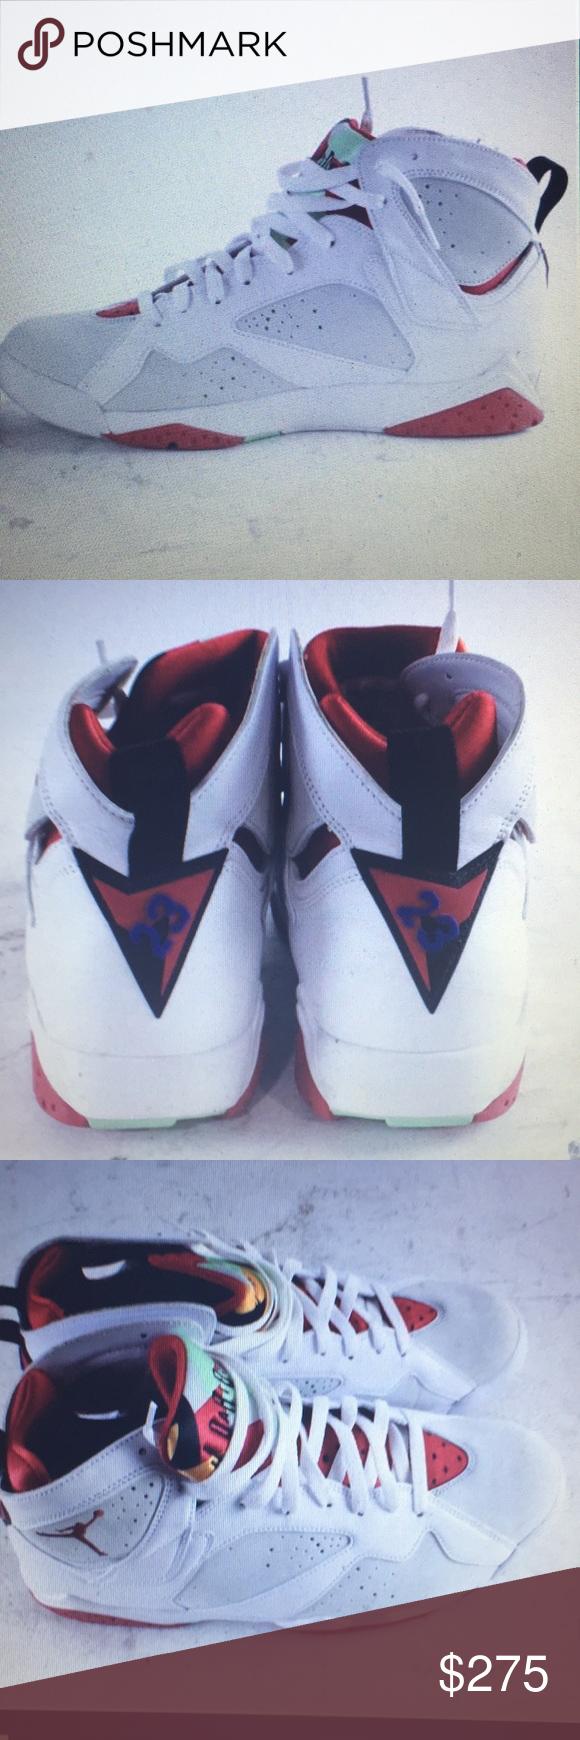 d56ac75cf75409 Nike Air Jordan 7 Retro Hare SZ13 Air Jordan 7 Retro Hare Bug NIB SZ 13 Yes  with original box.!! 304775-125 Nike Shoes Sneakers